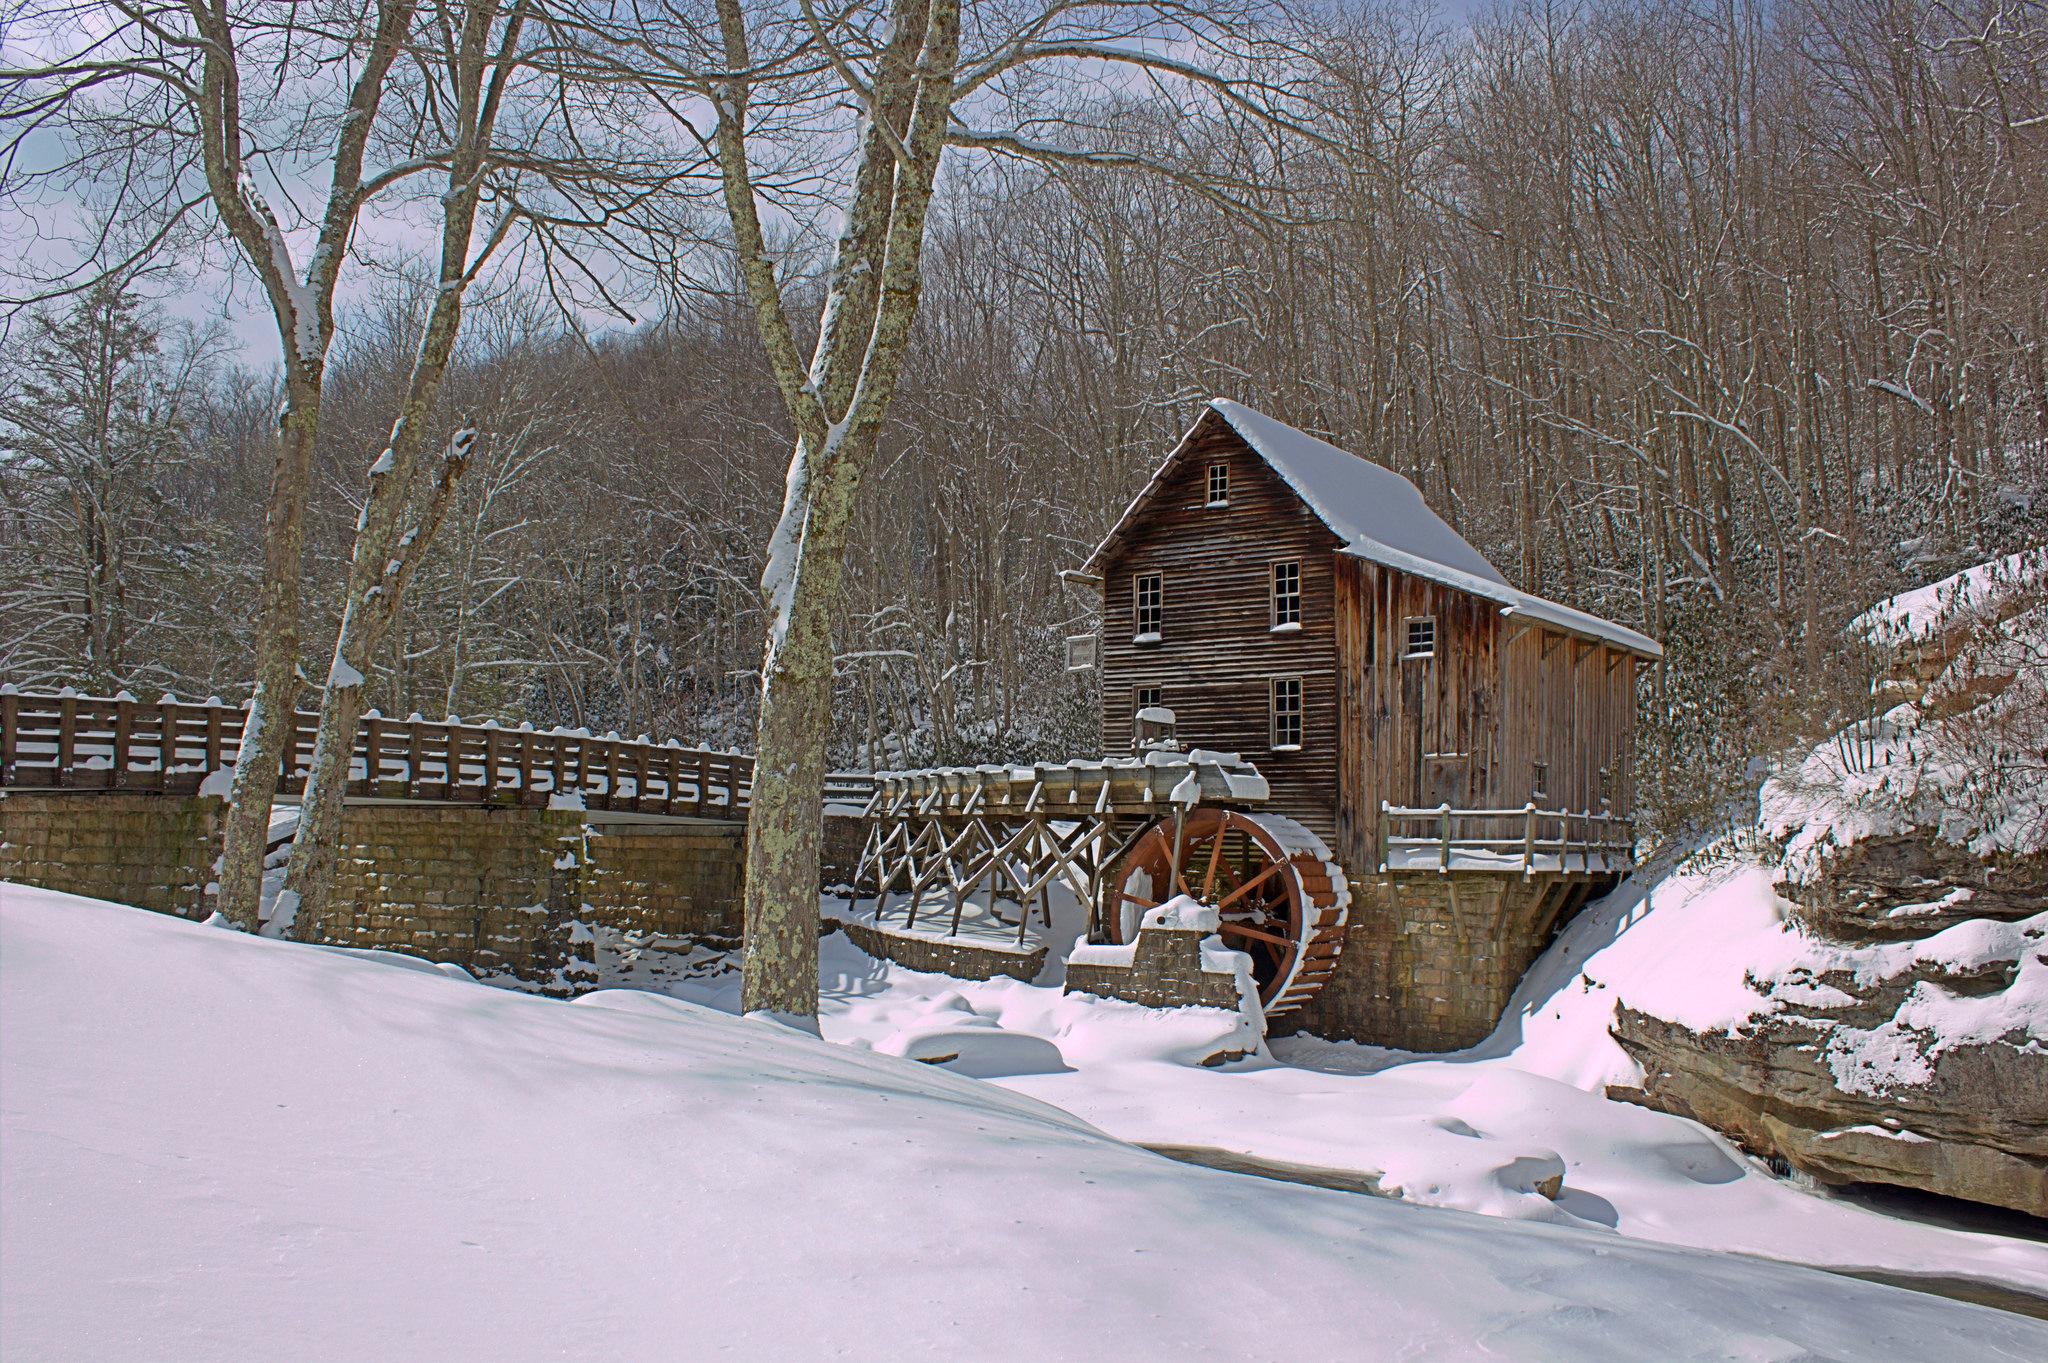 Мельница зимой в освещении бесплатно